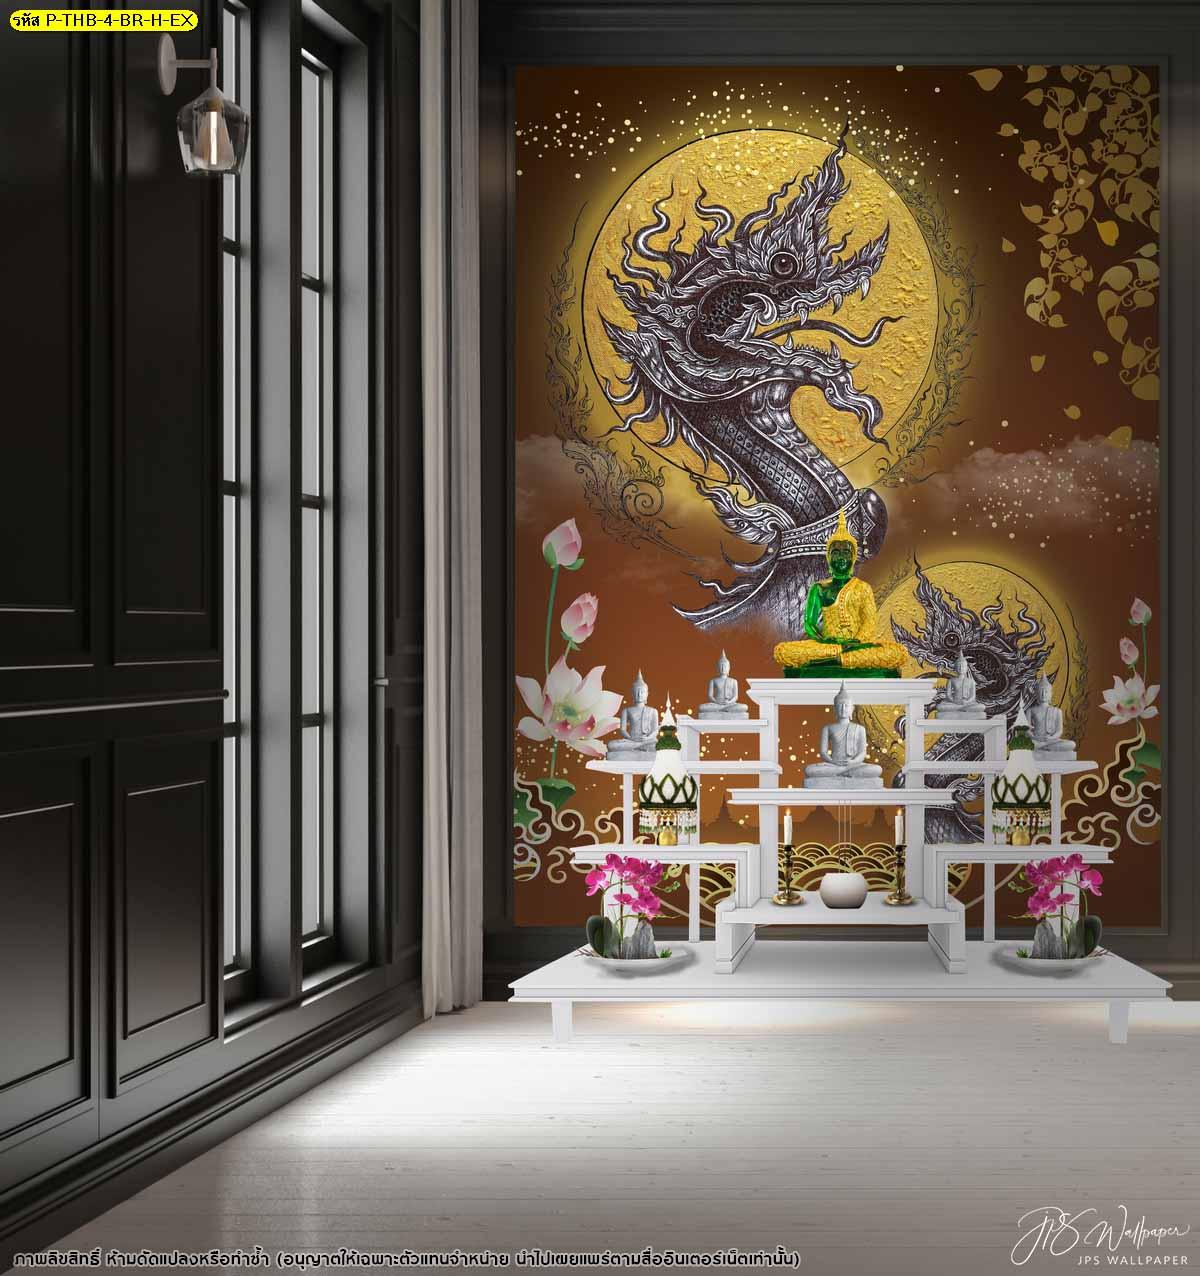 แต่งผนังบ้านด้วยภาพจิตรกรรม แบบห้องพระในบ้าน วอลเปเปอร์ลายเรียบหรู